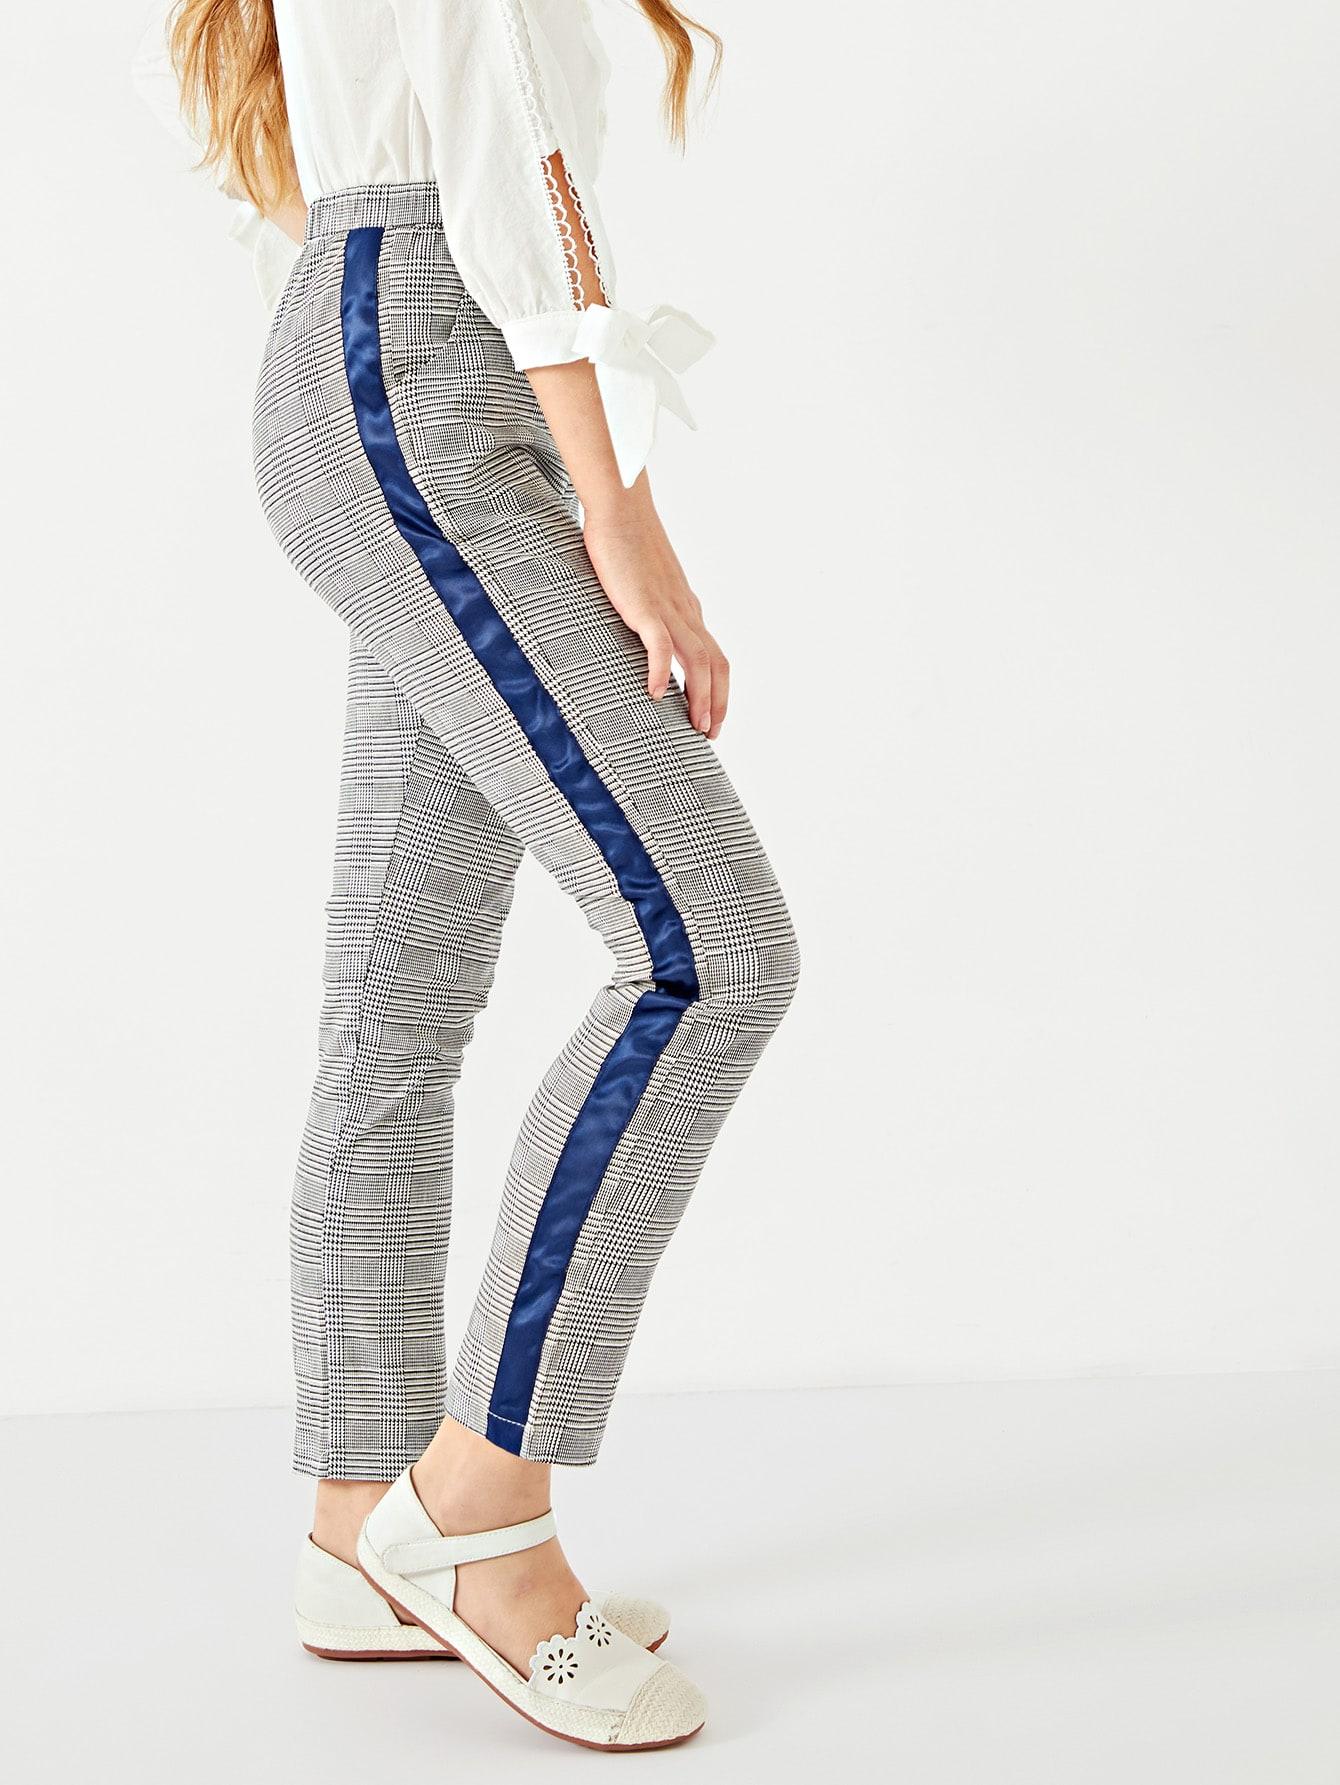 Купить Контрастные брюки в клетку и полоску для девочек, Masha. P, SheIn